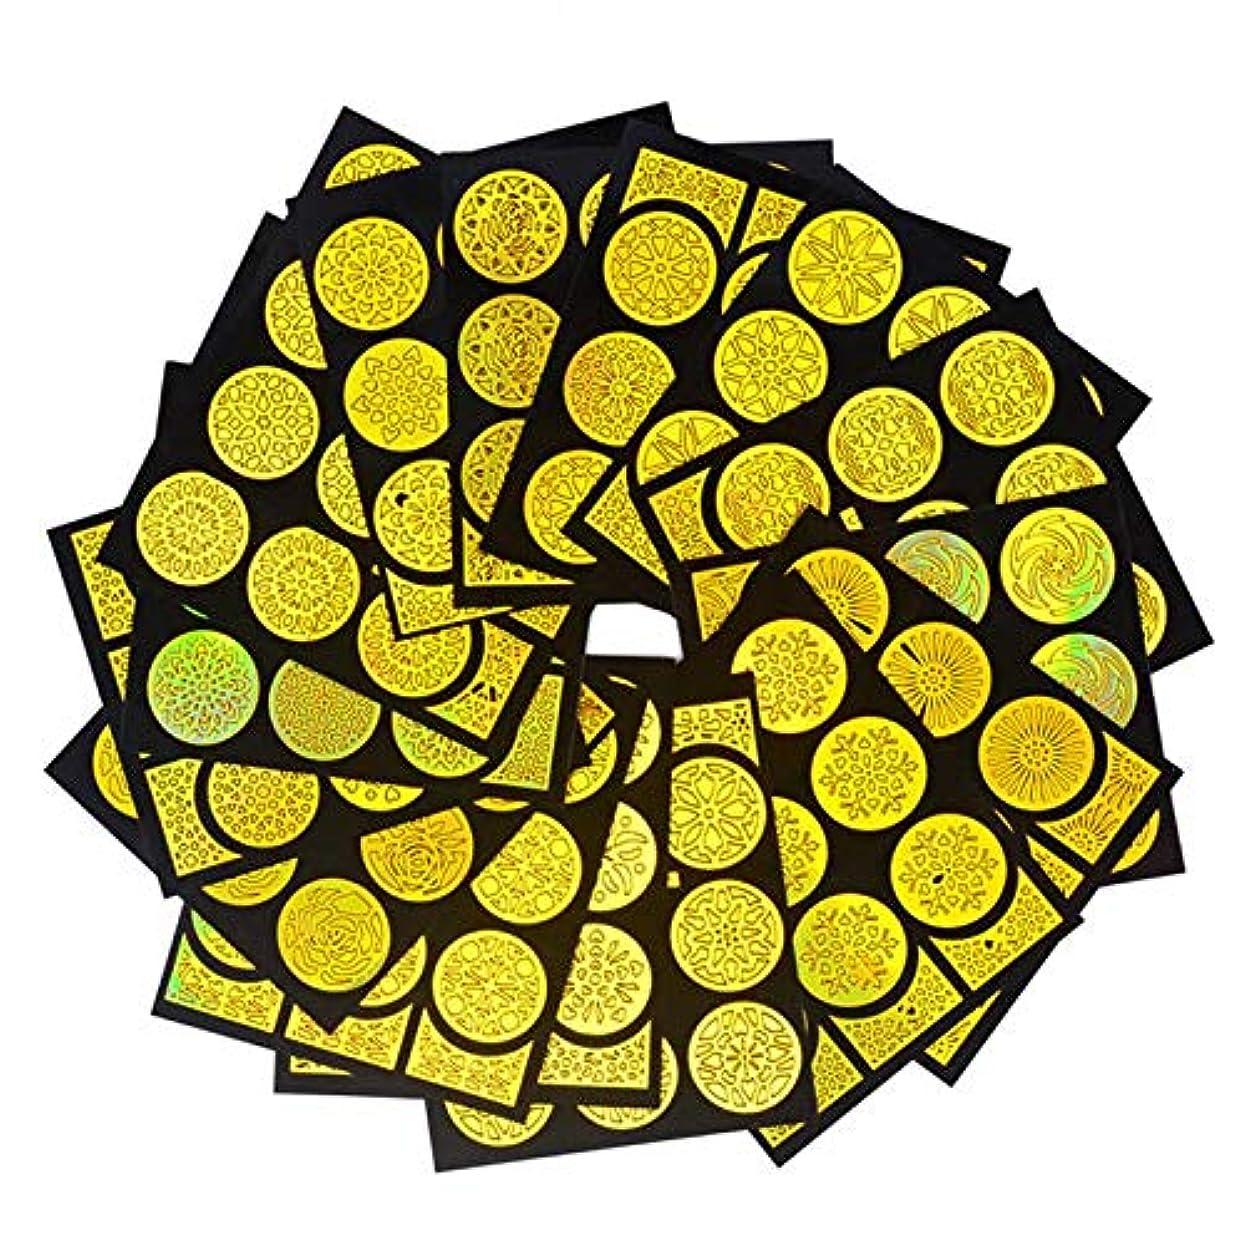 スクラブクルーズ豊富にSUKTI&XIAO ネイルステッカー 20枚不規則なグリッドネイルアート中空レーザーゴールデンテンプレートステンシルステッカービニール画像ガイドマニキュア、20スタイル各1個